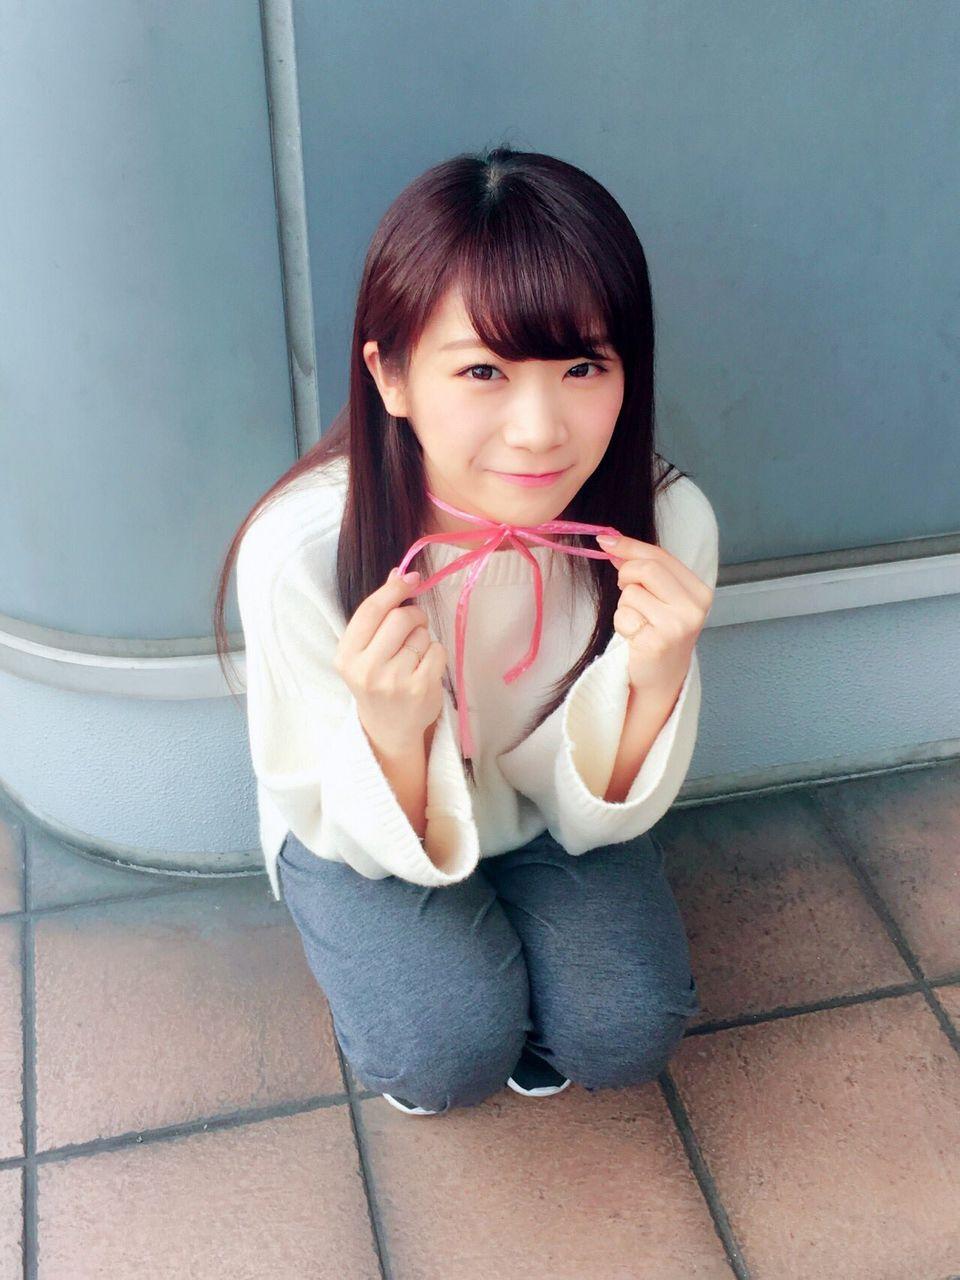 【動画】乃木坂46・秋元真夏 キャプテン任命時の会場の反応→